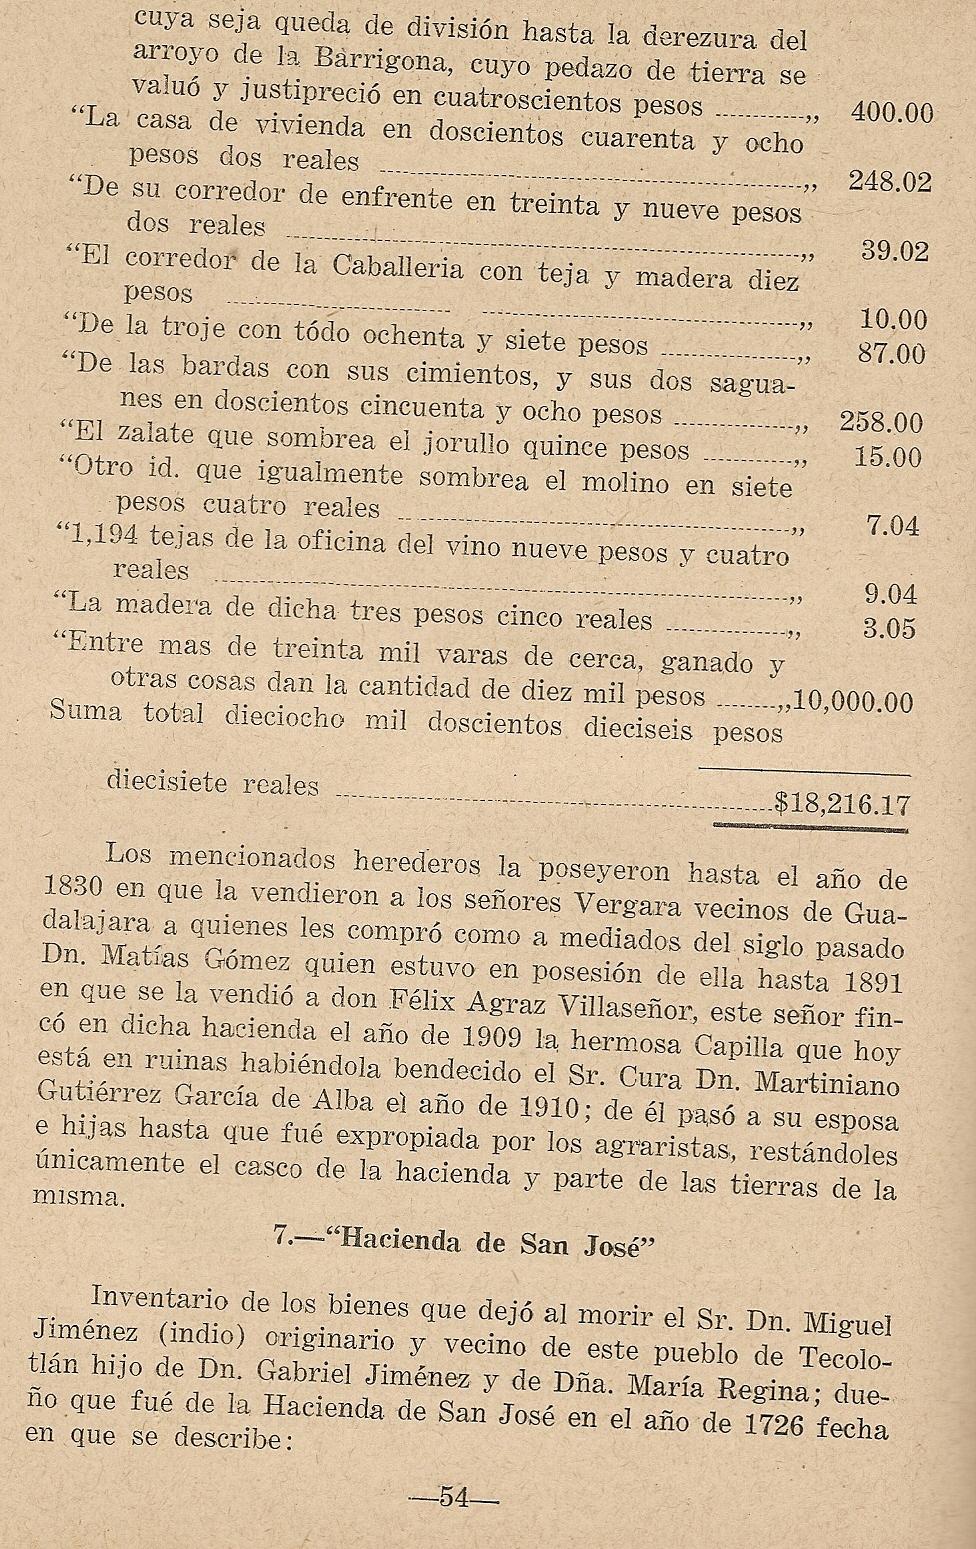 salida a tecolotlan a fincas antiguas historicas Dn1150